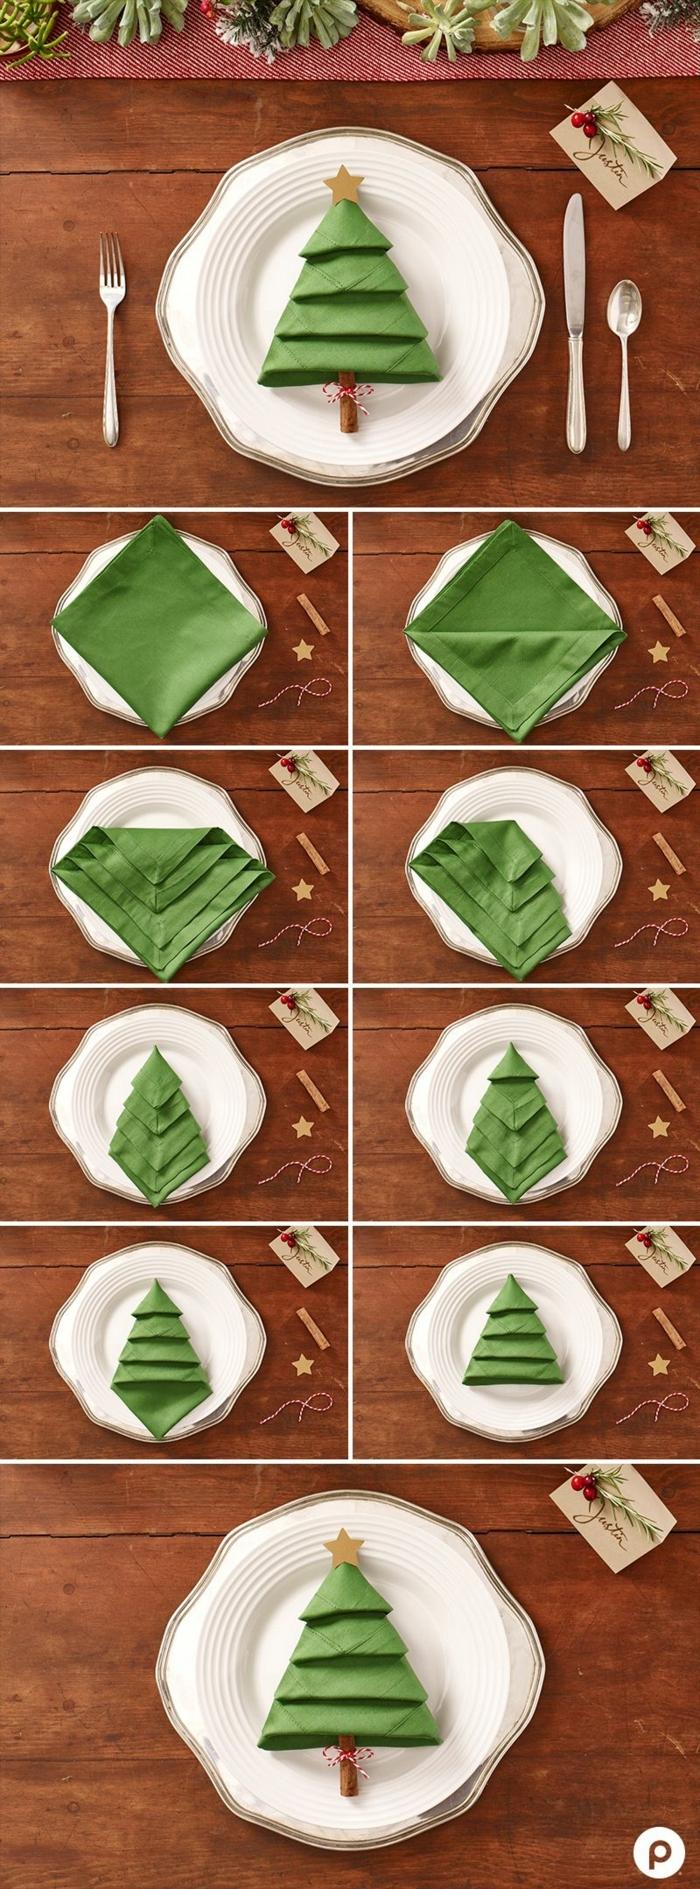 kreative tischdeko servietten falten weihnachten einfach anleitung schritt für schritt erklärung weihnachtsbaum aus serviette